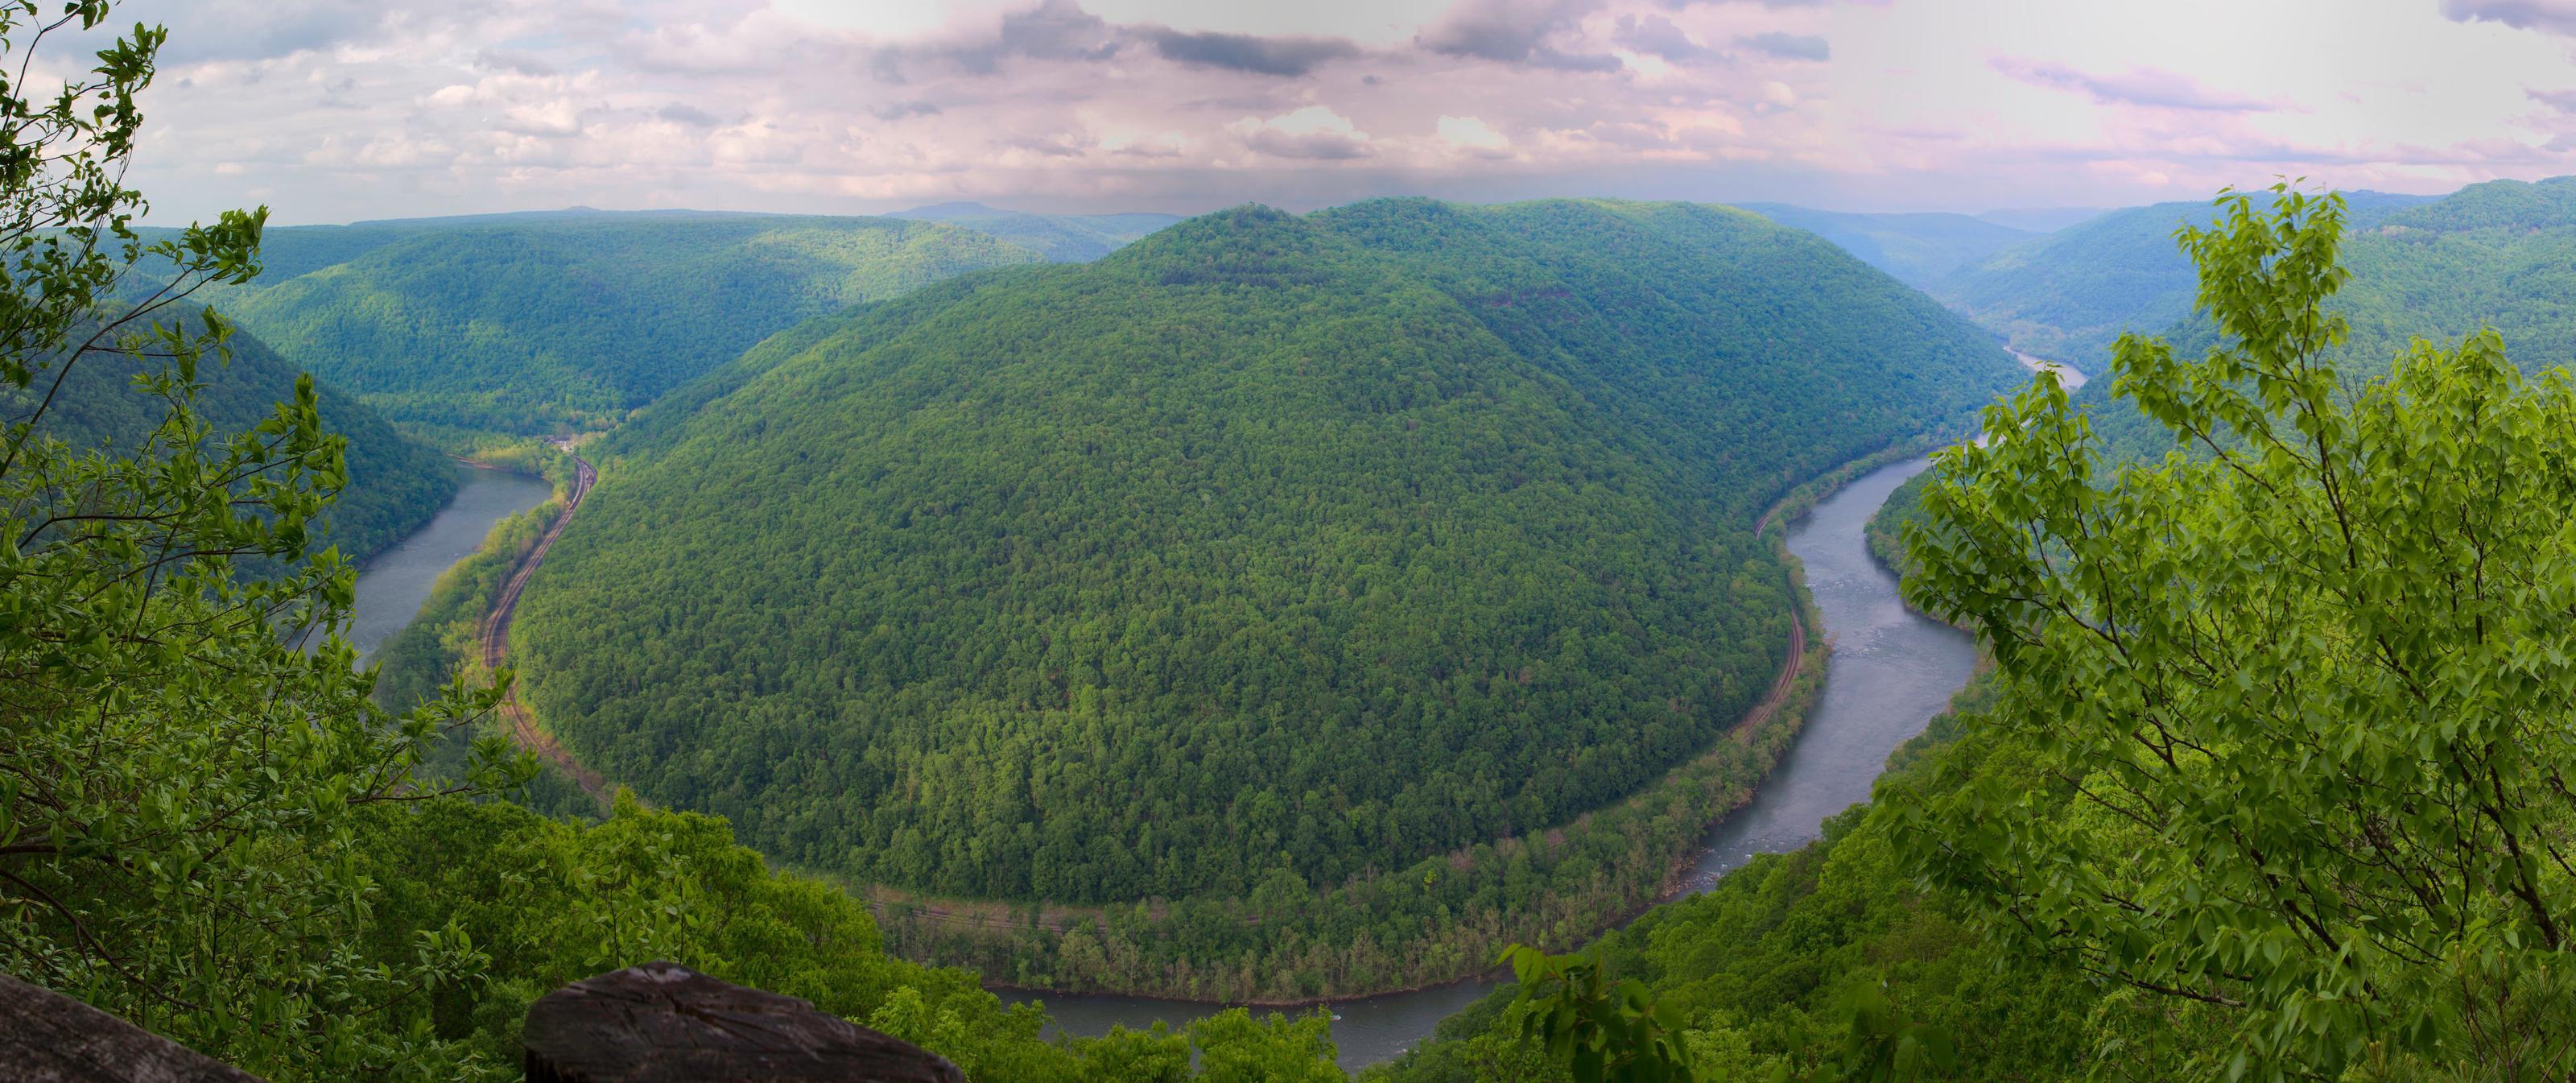 Grandview Main Overlook